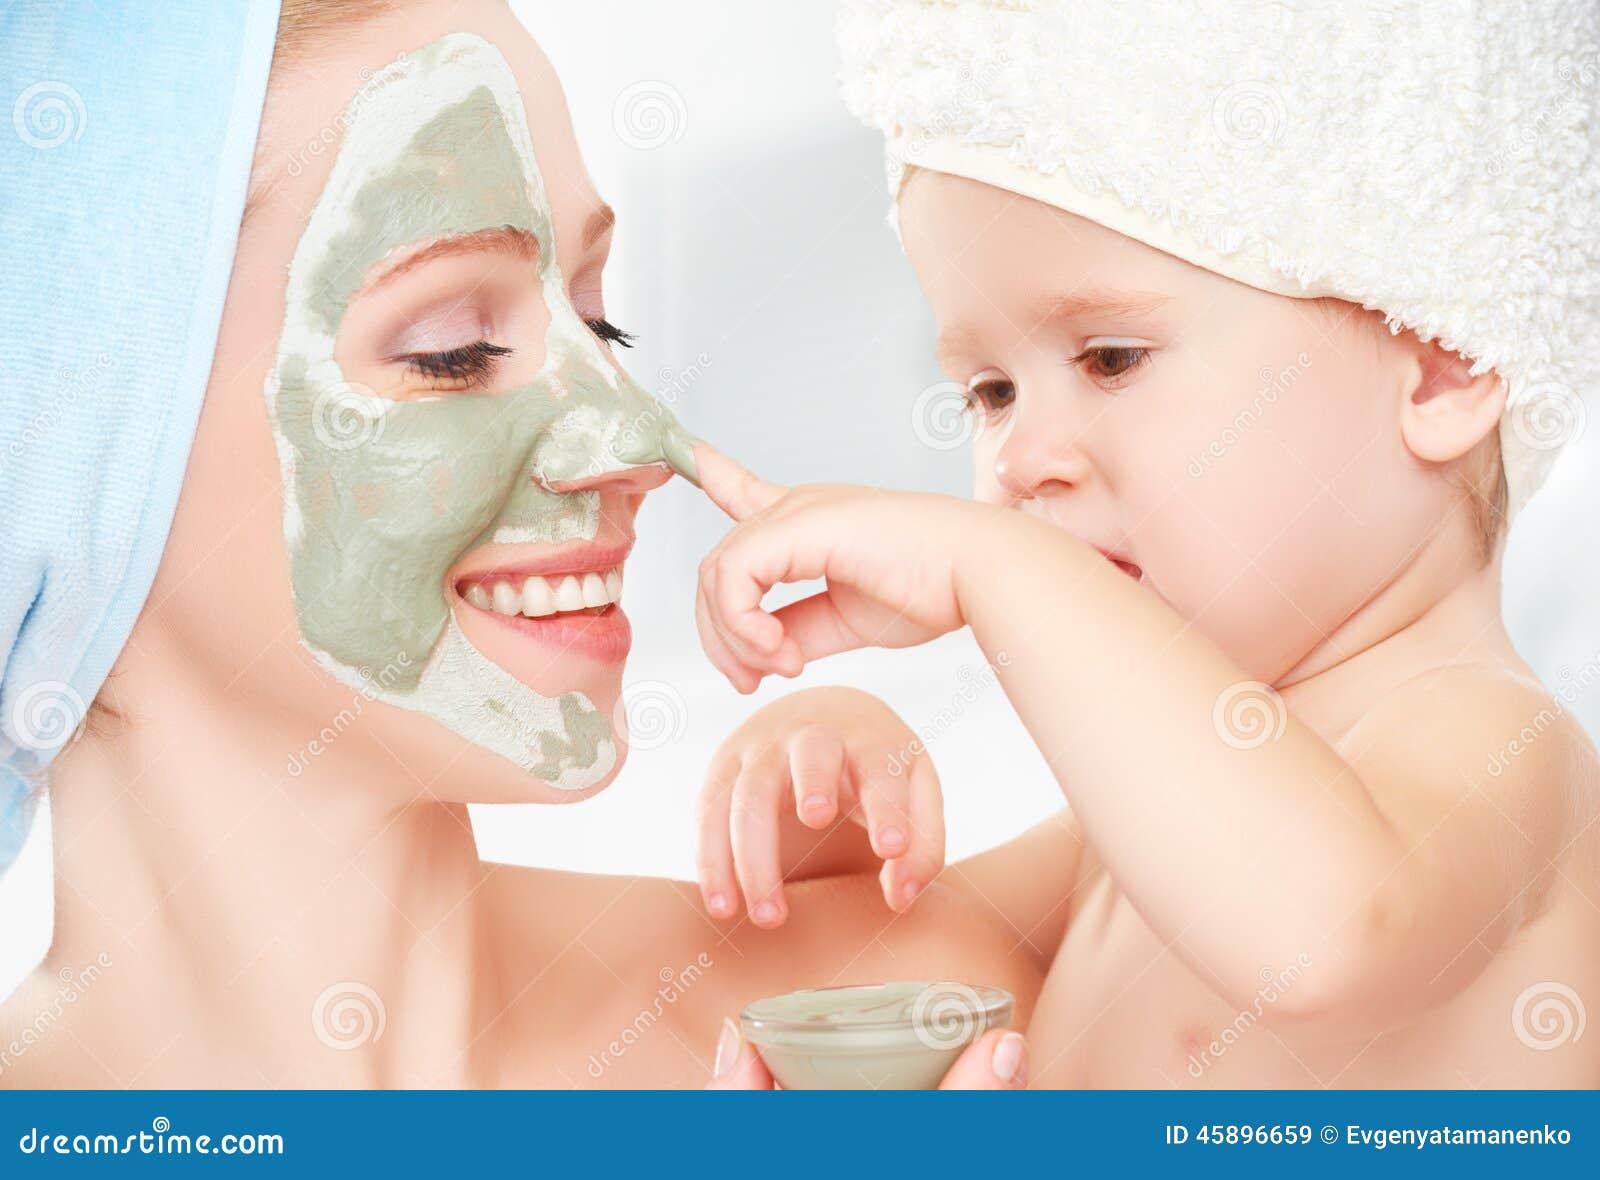 матери в ванной